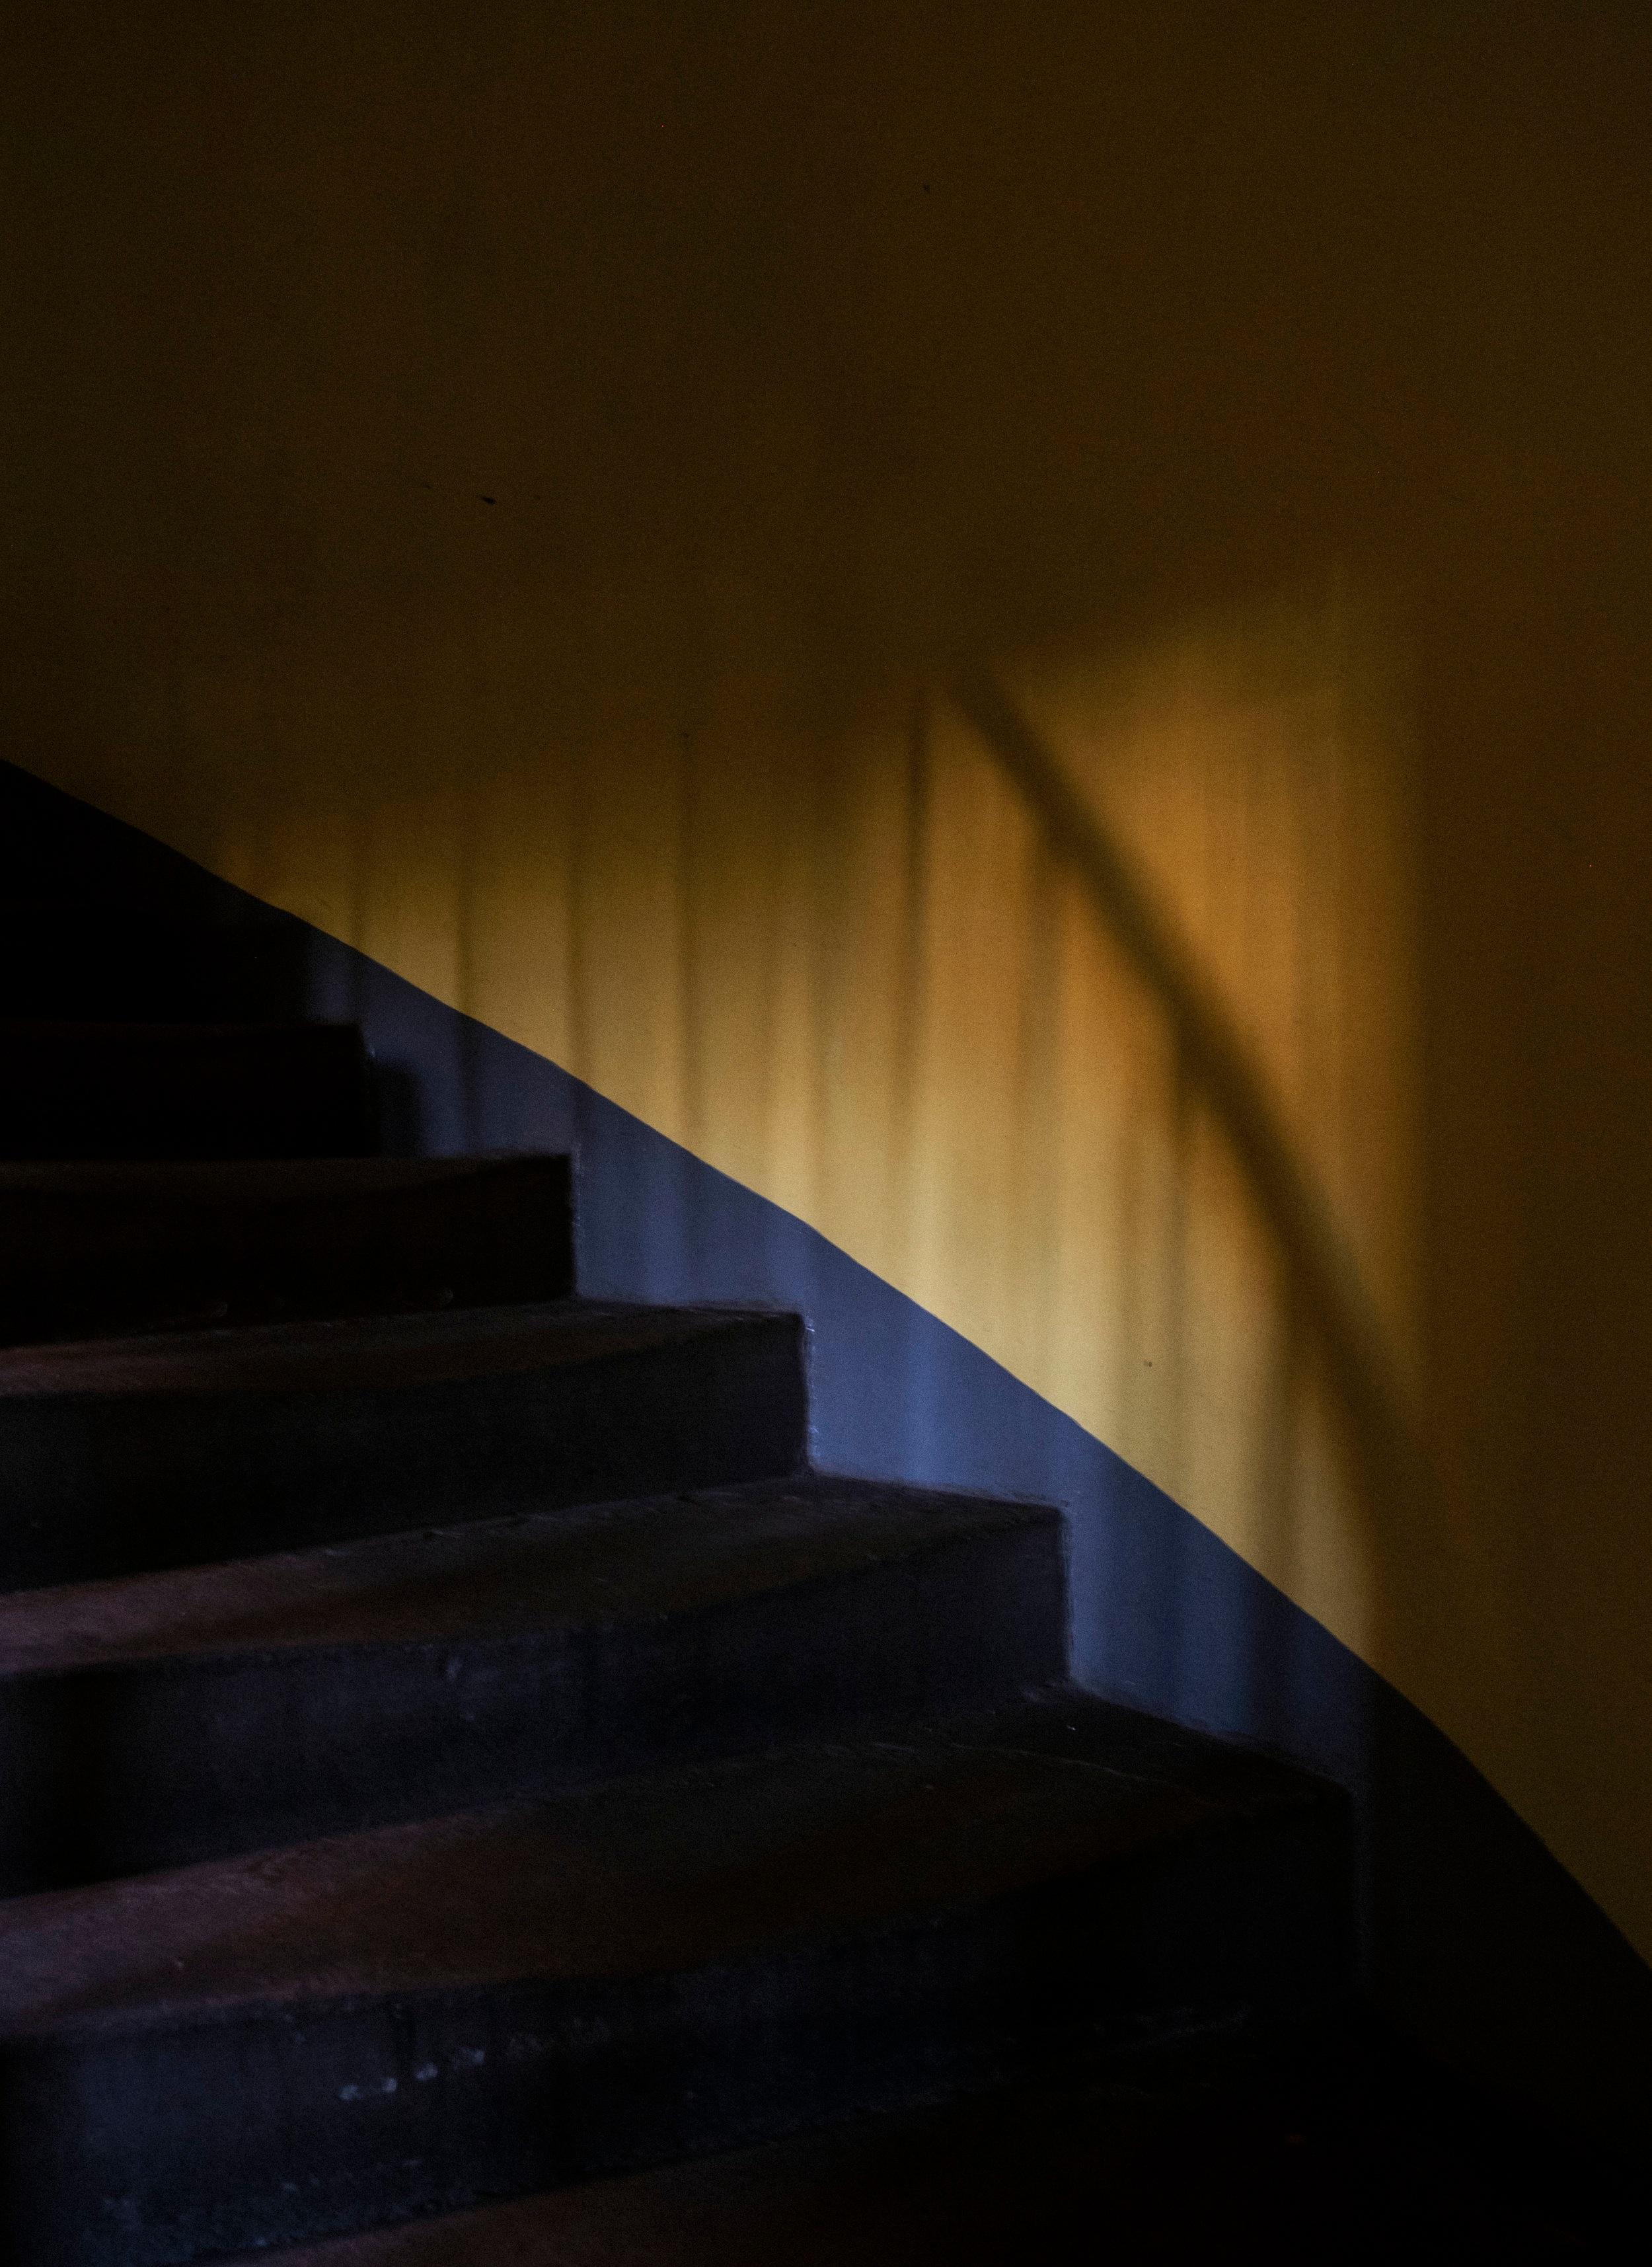 saporetti-edinburgh-stairs.jpg